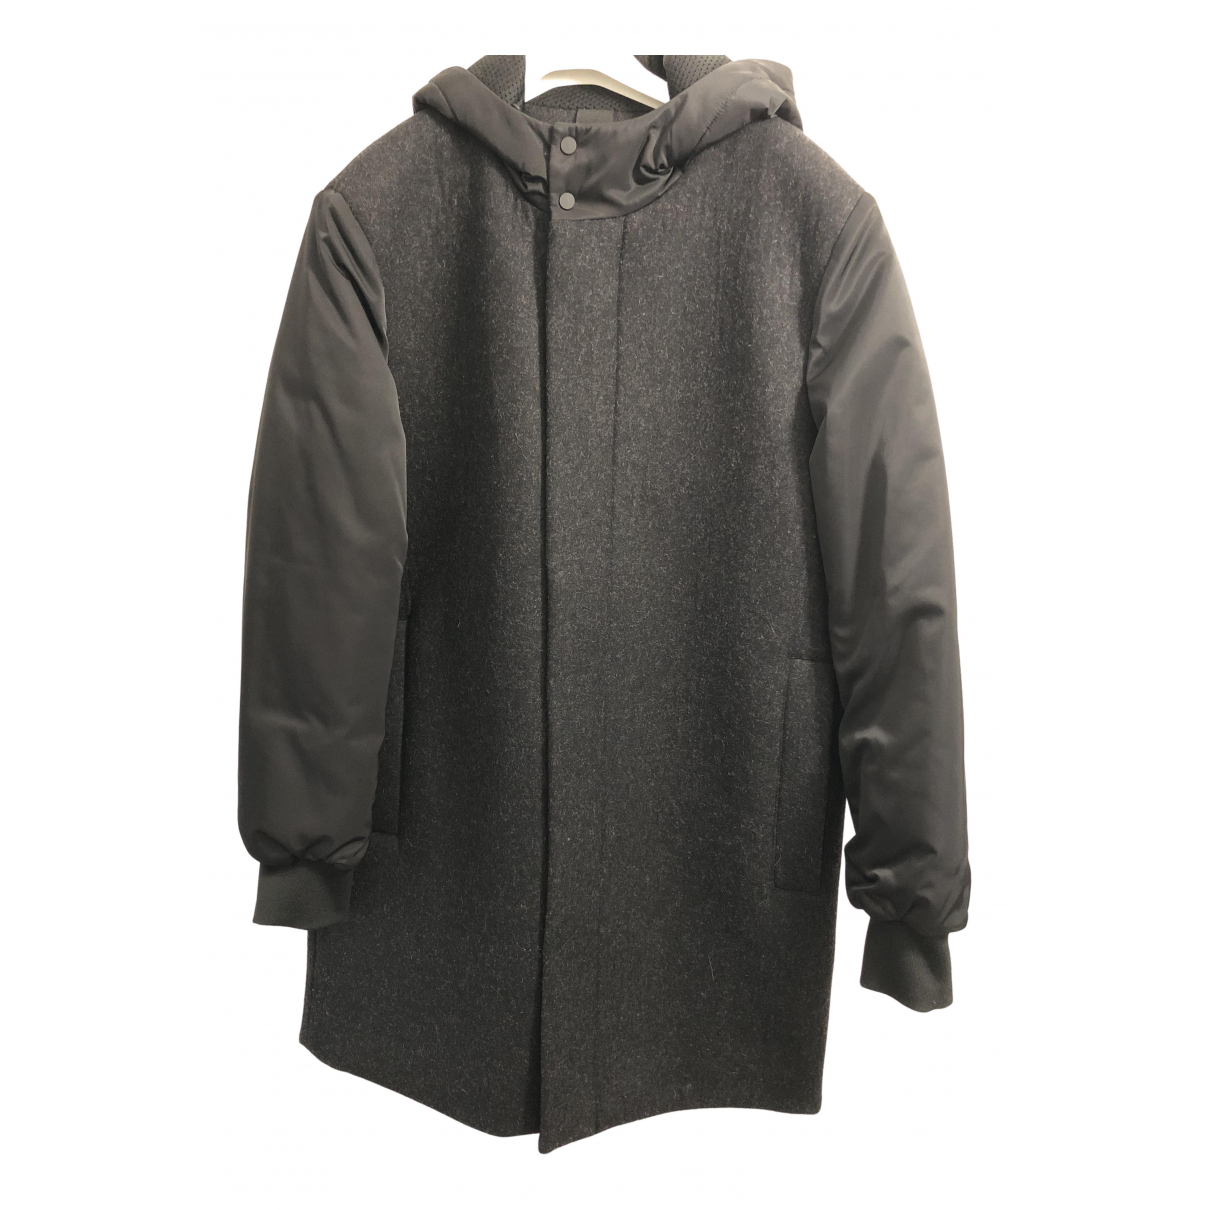 Cos - Manteau   pour homme - noir